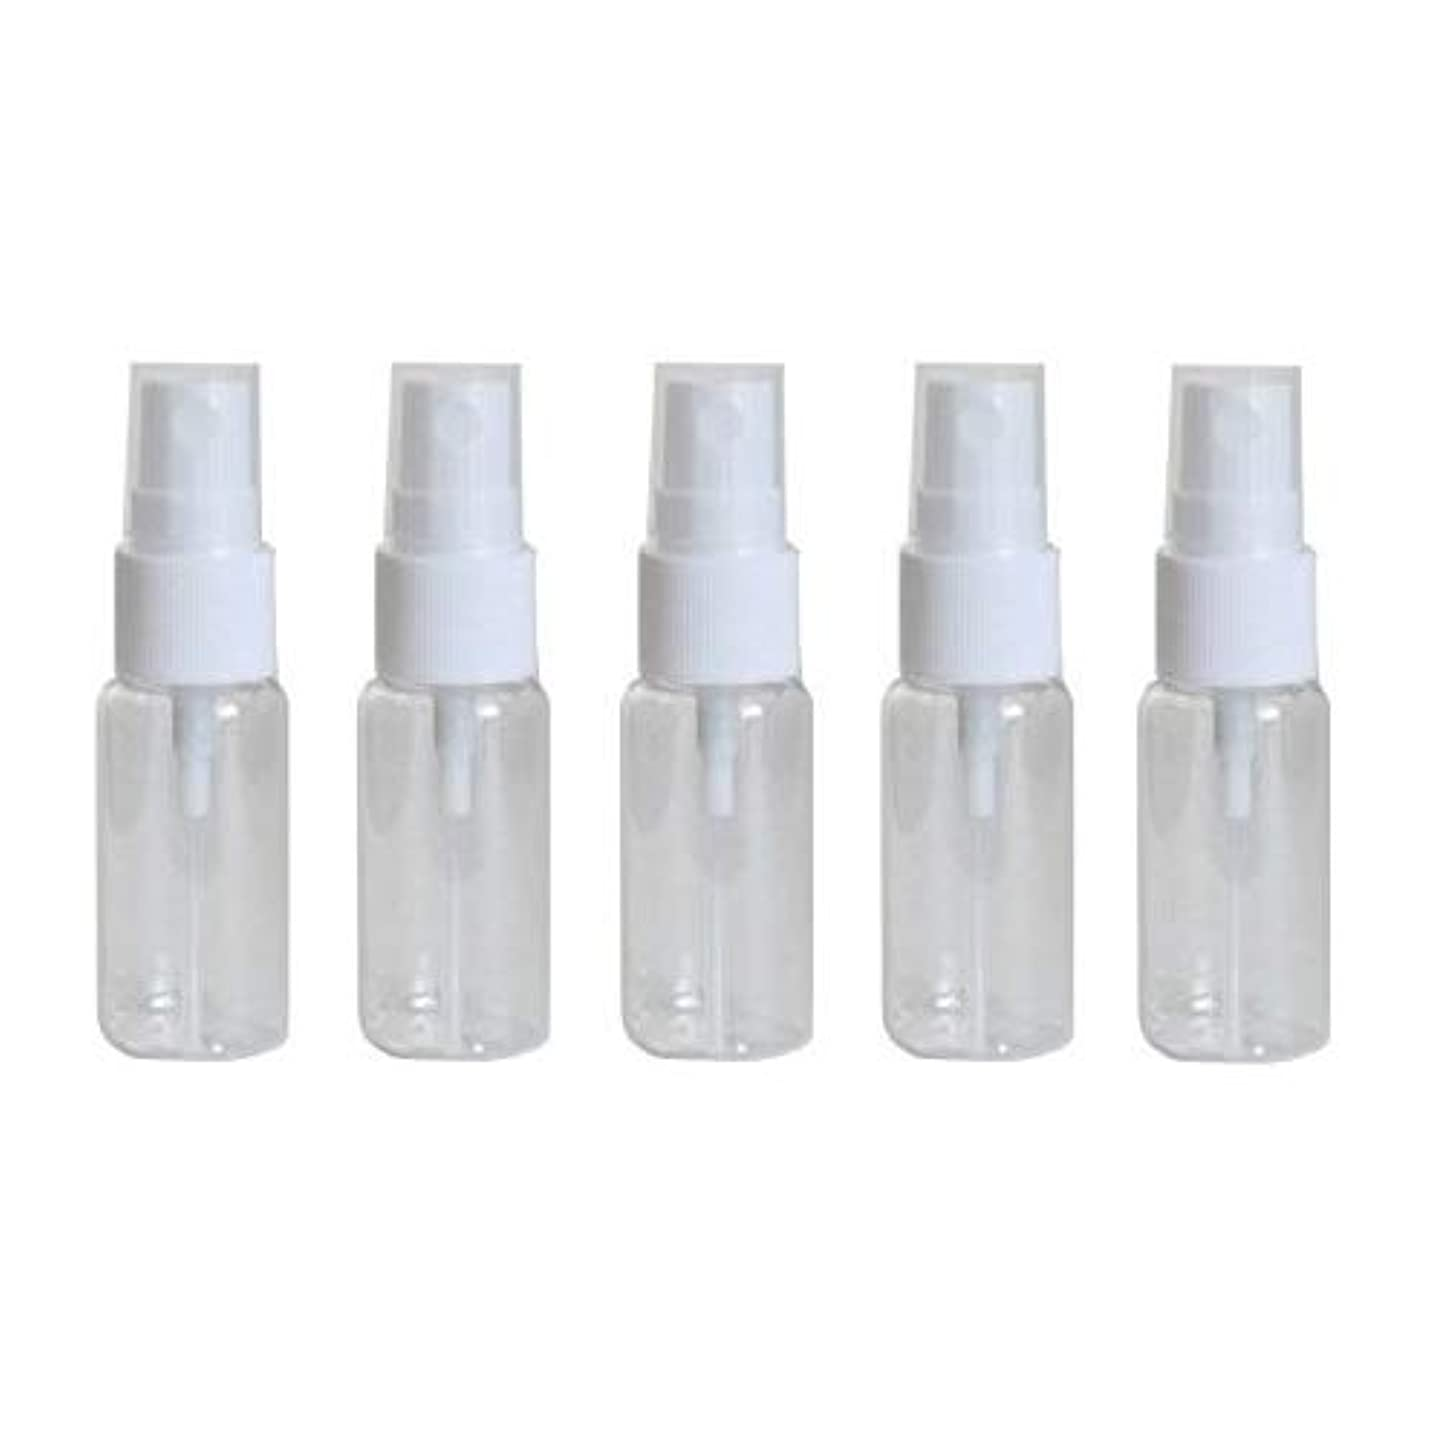 ライトニング延期する放射性happy fountain スプレーボトル 15ml 5本セット プラスチック容器 アトマイザー